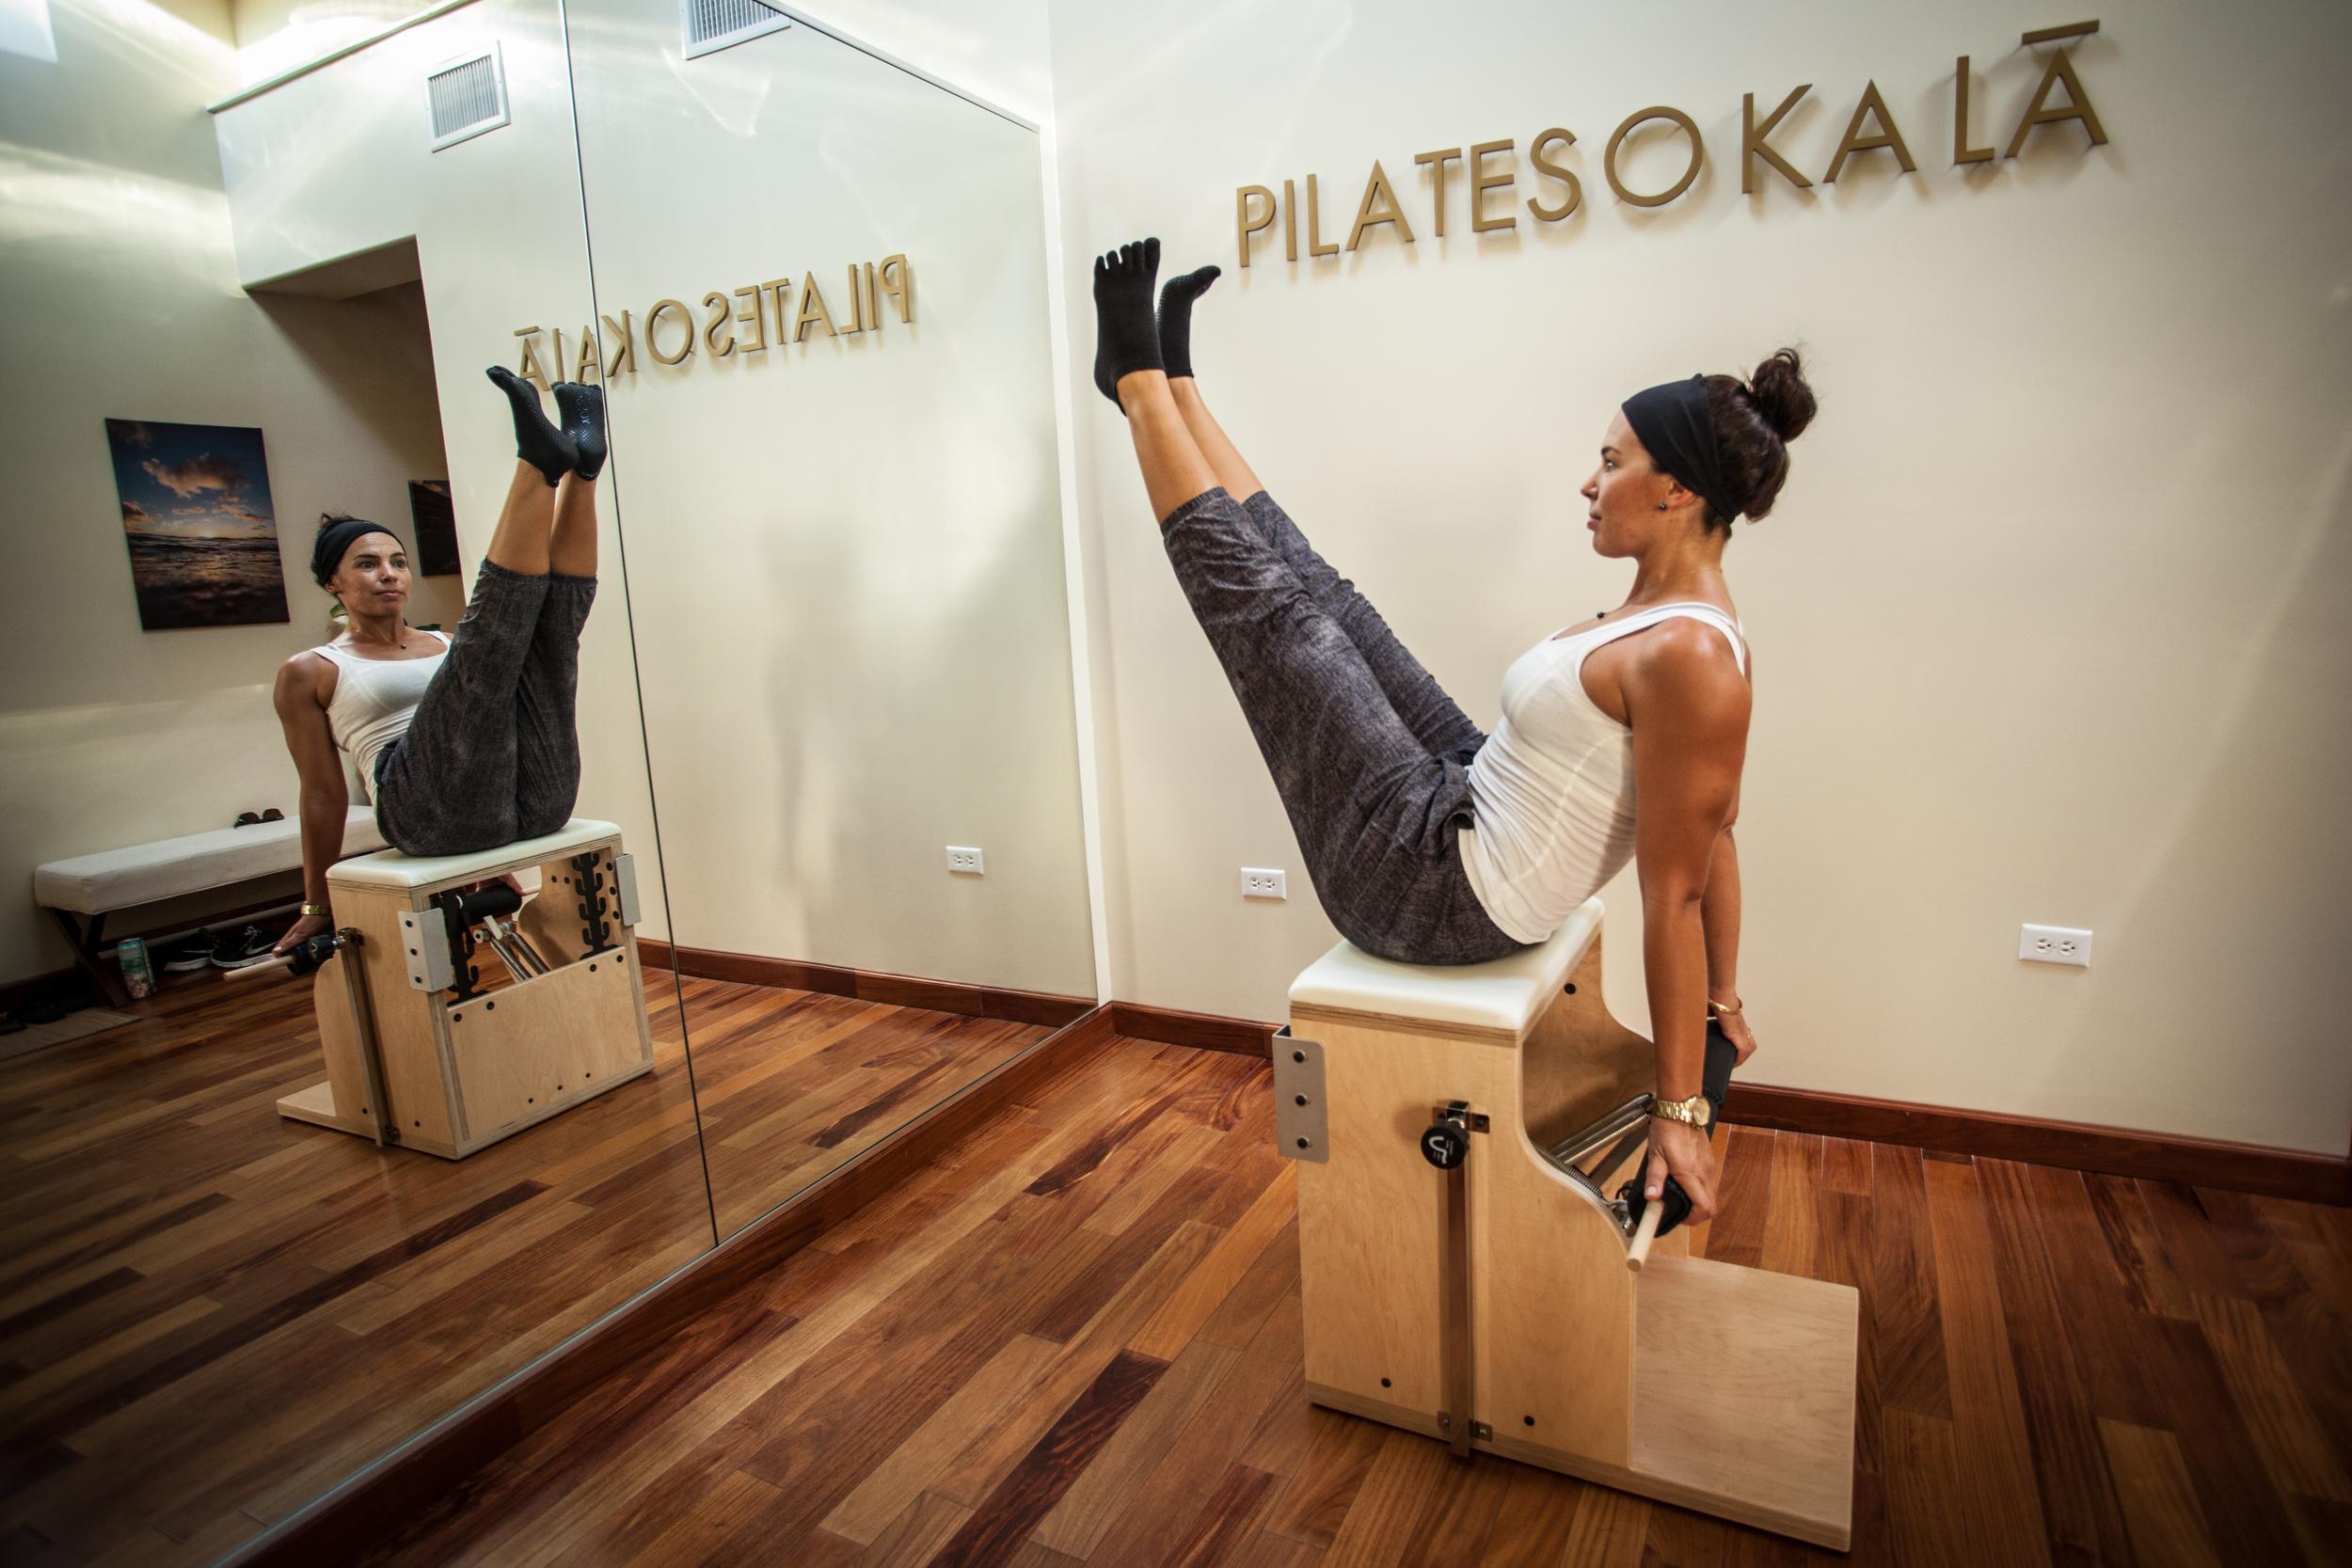 pilates trainer honolulu.jpg